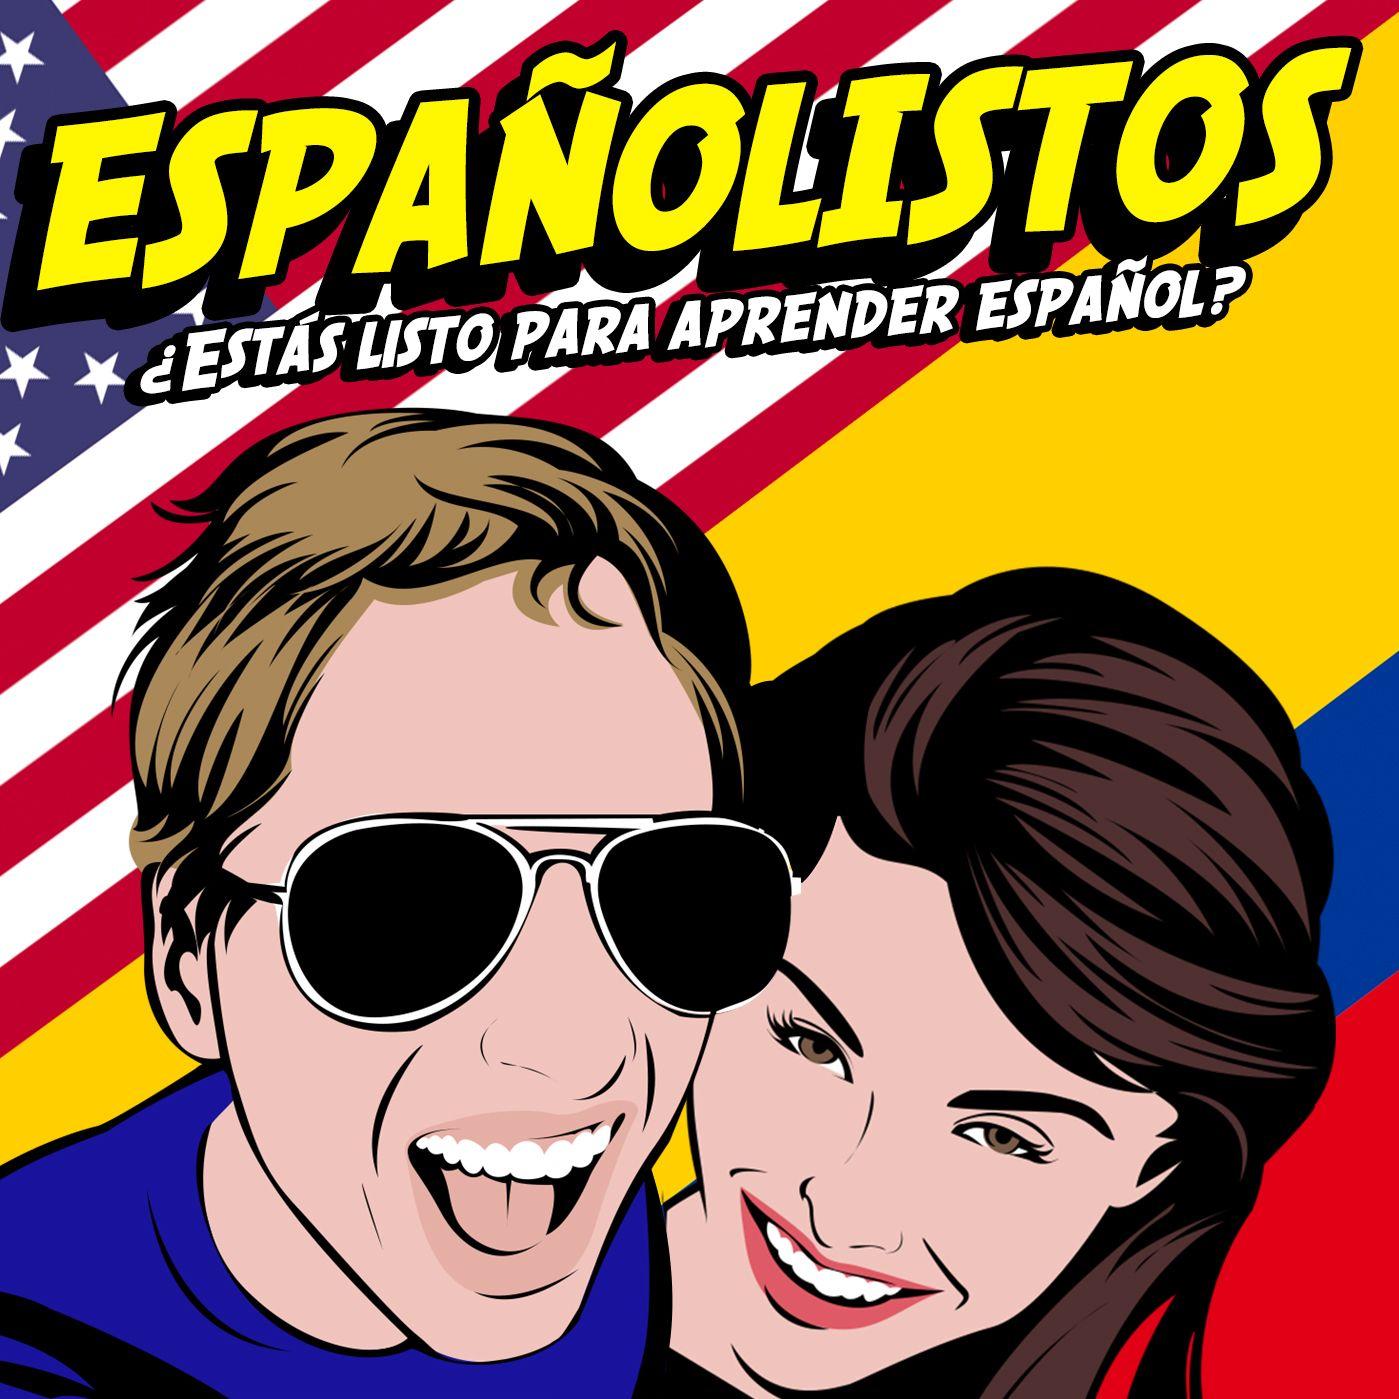 Episodio 118 - 7 Carnavales Más Populares en América Latina